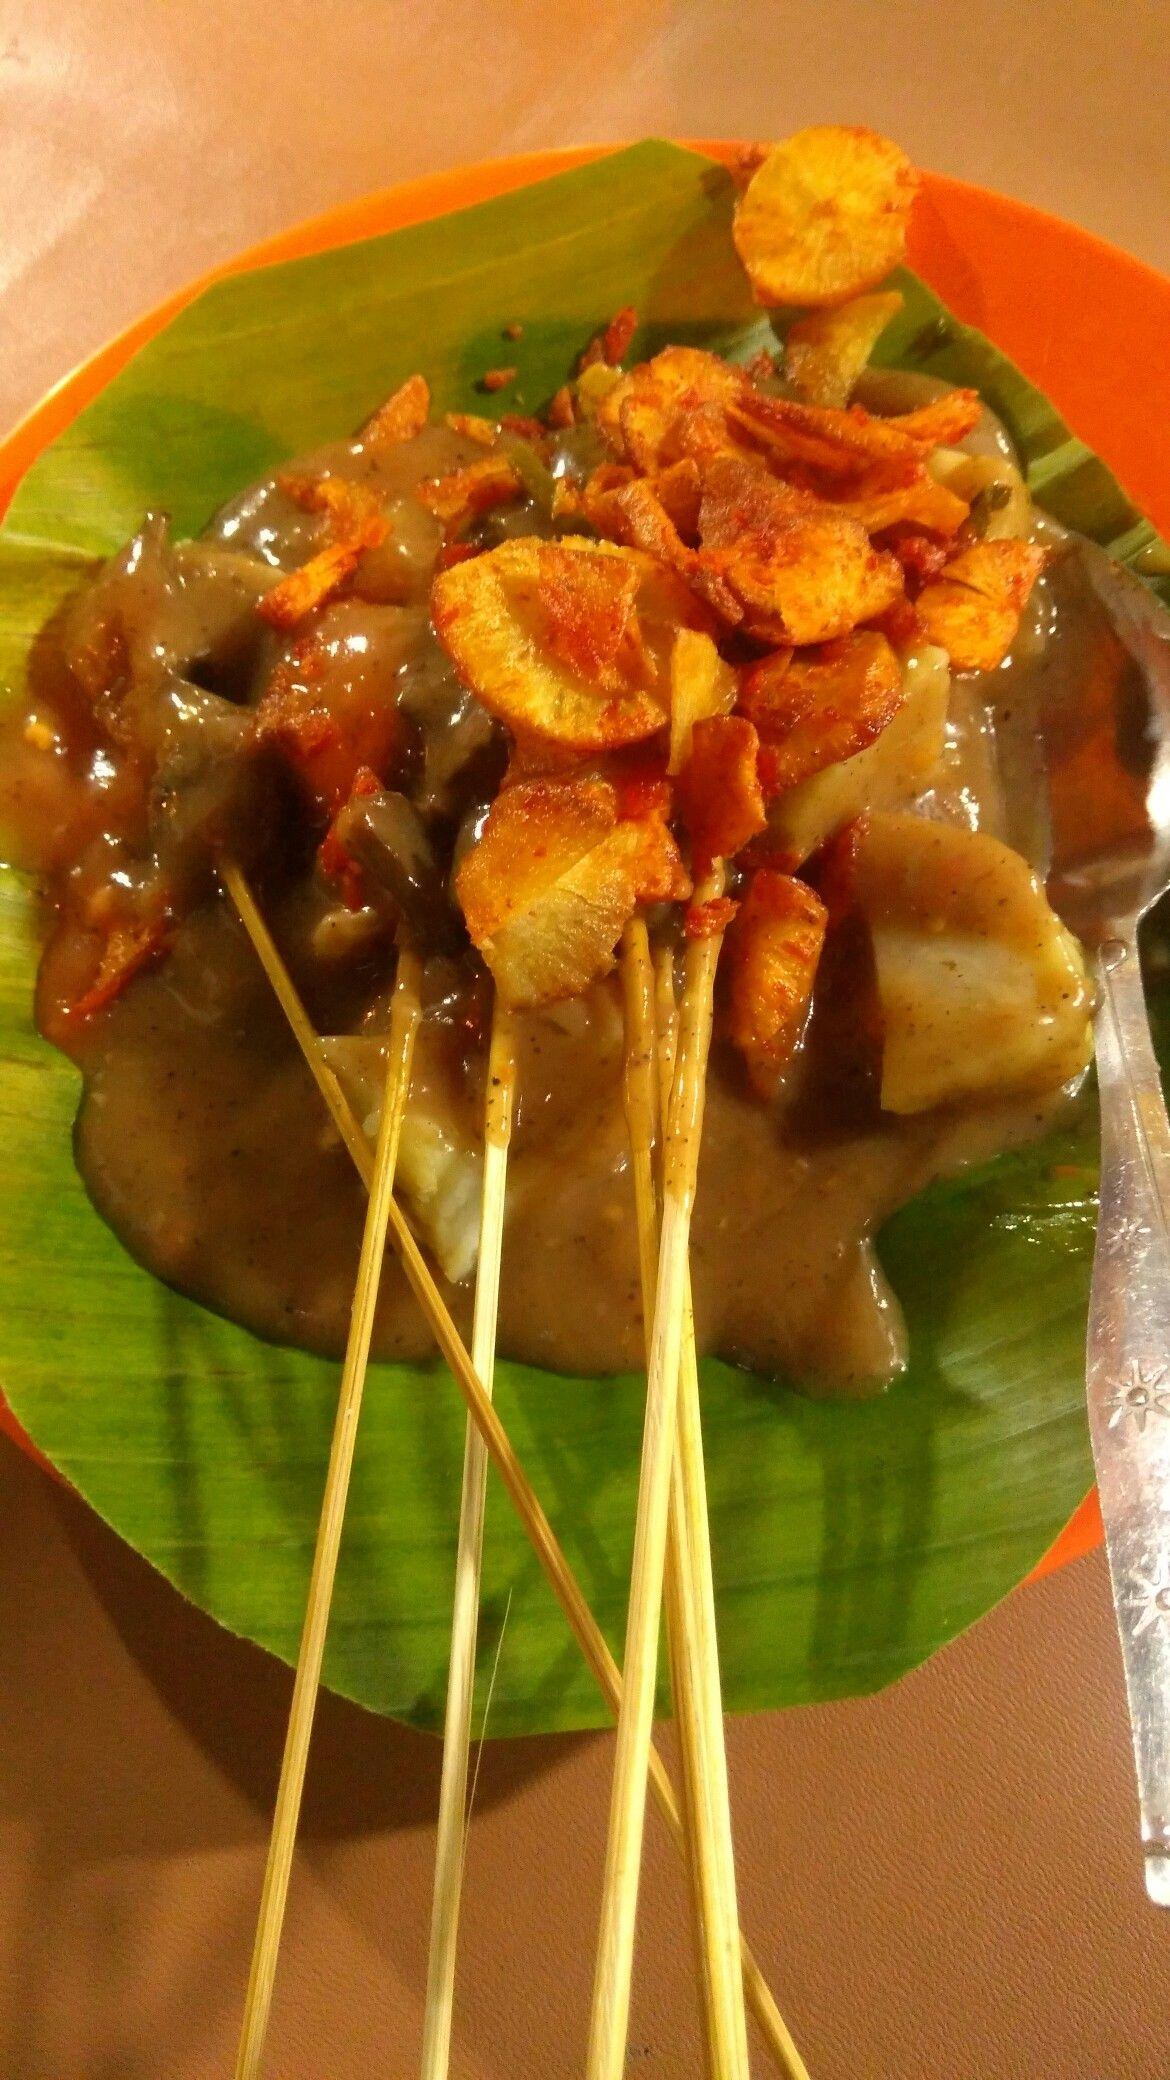 Resep Sate Padang Asli Bumbu Kuah Kental Minang Resep Resep Resep Masakan Masakan